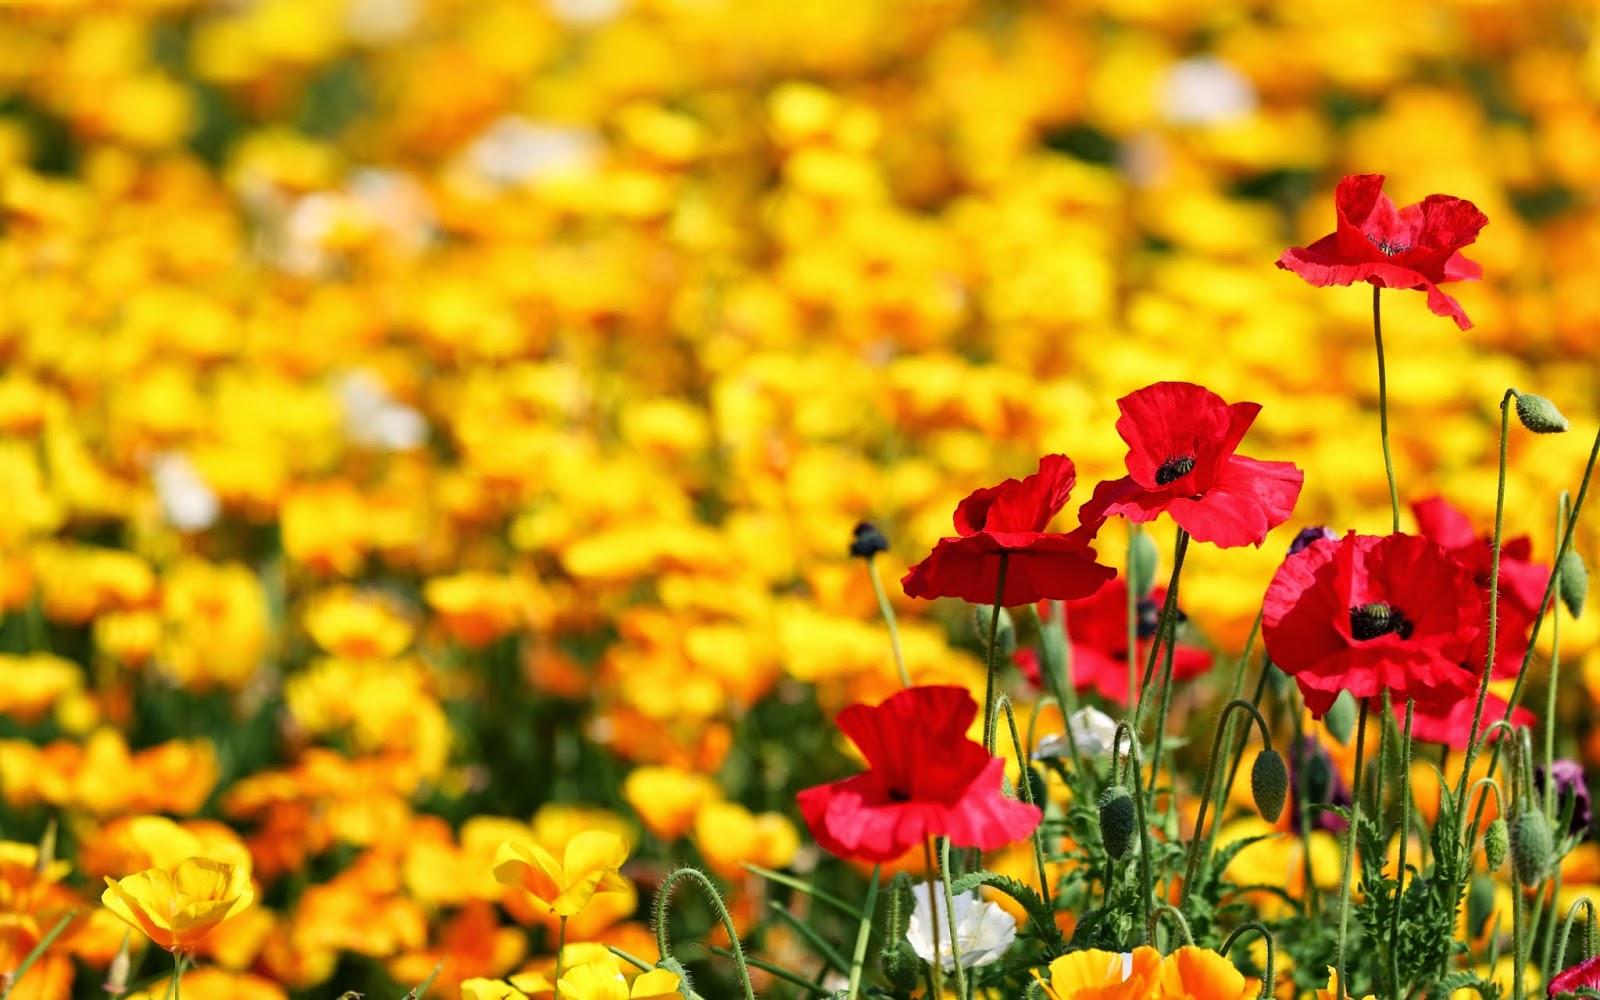 En güzel çiçek resmi facebook